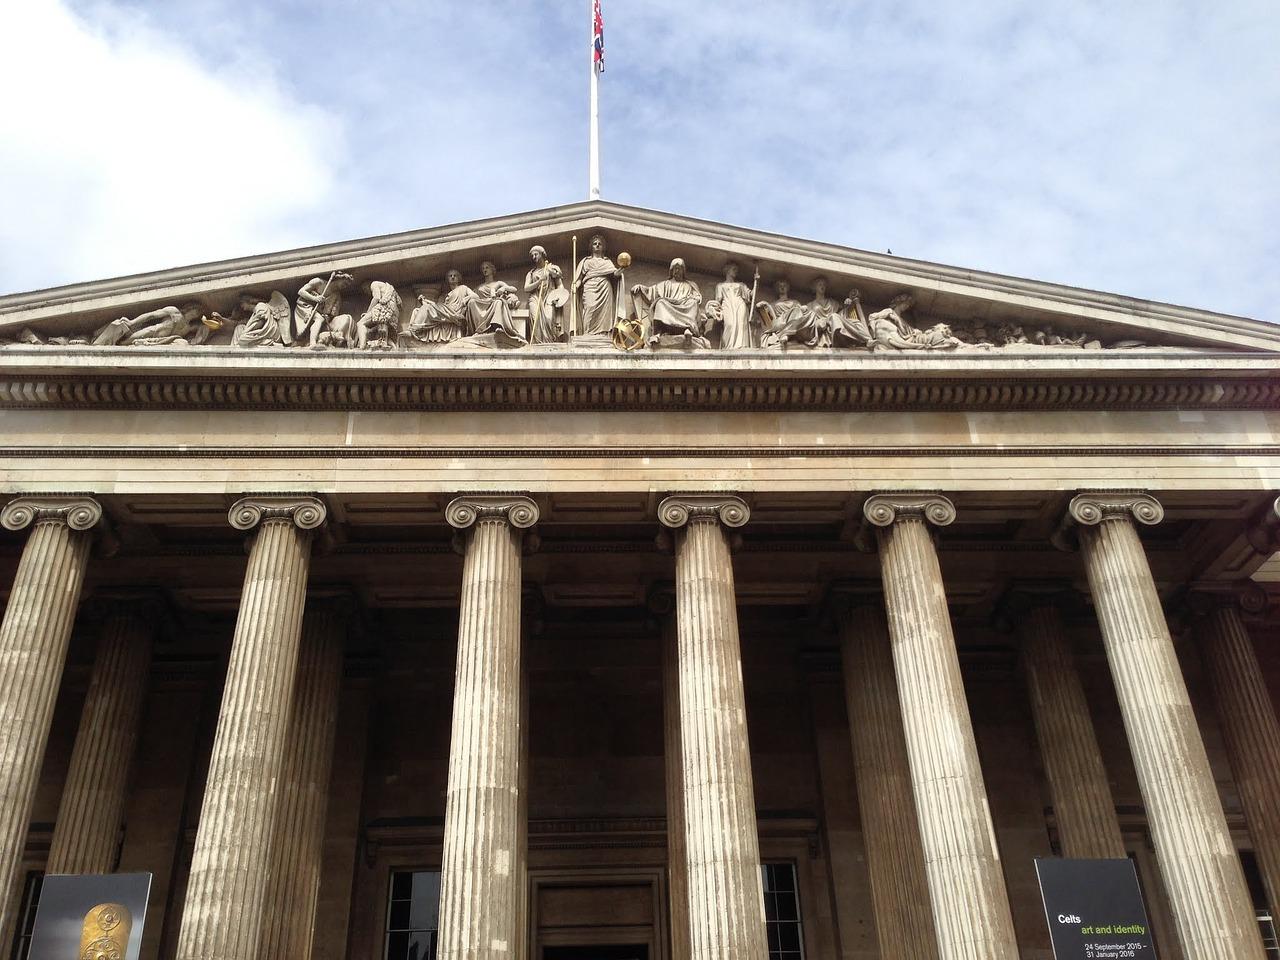 - British Museum